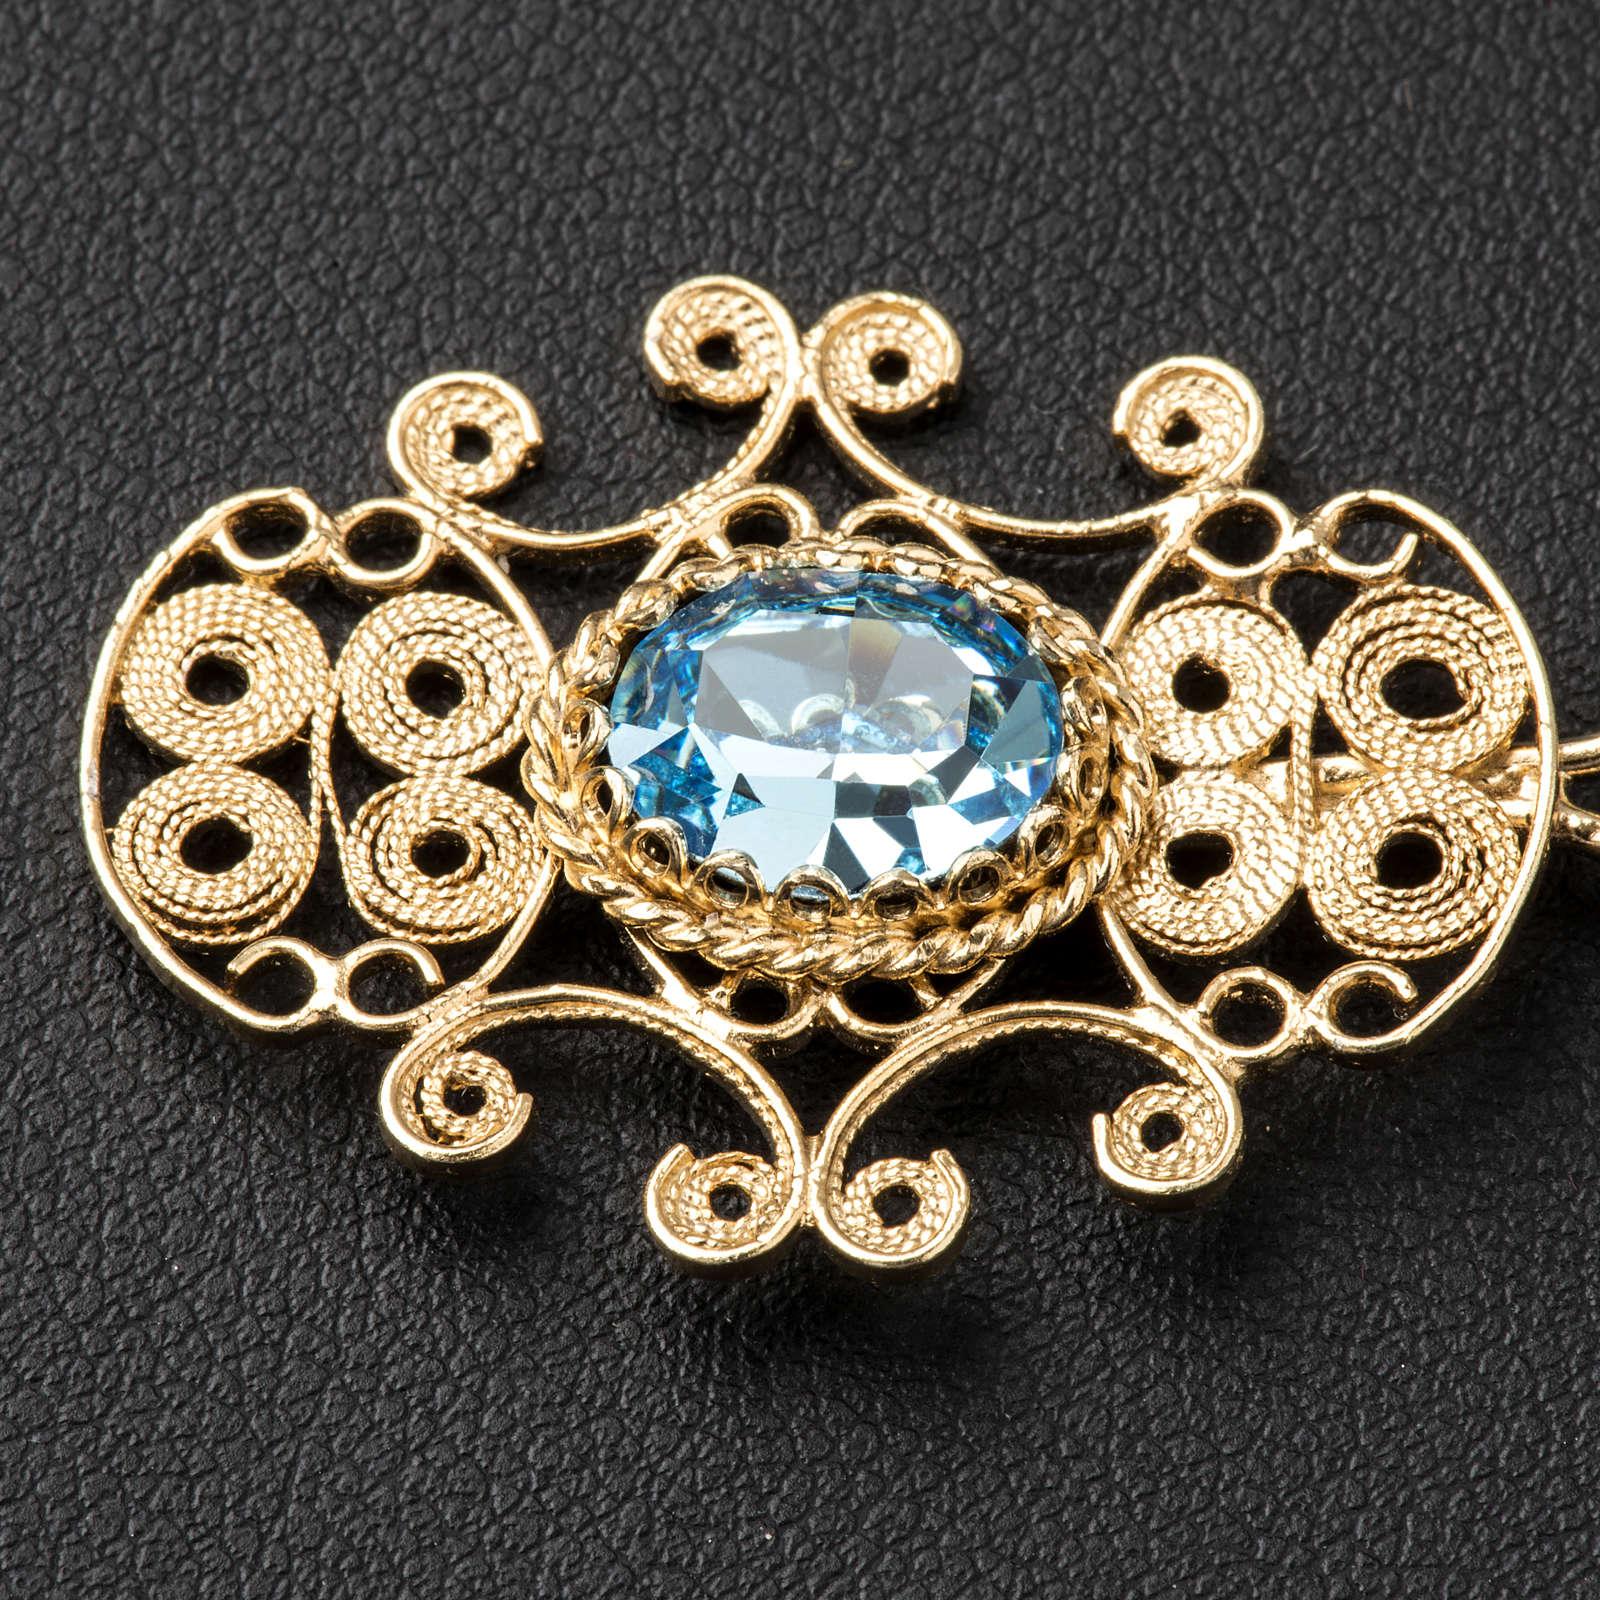 Chormantelschließe aus vergoldetem 800er Silber filigran gearbeitet mit hellblauem Stein 4